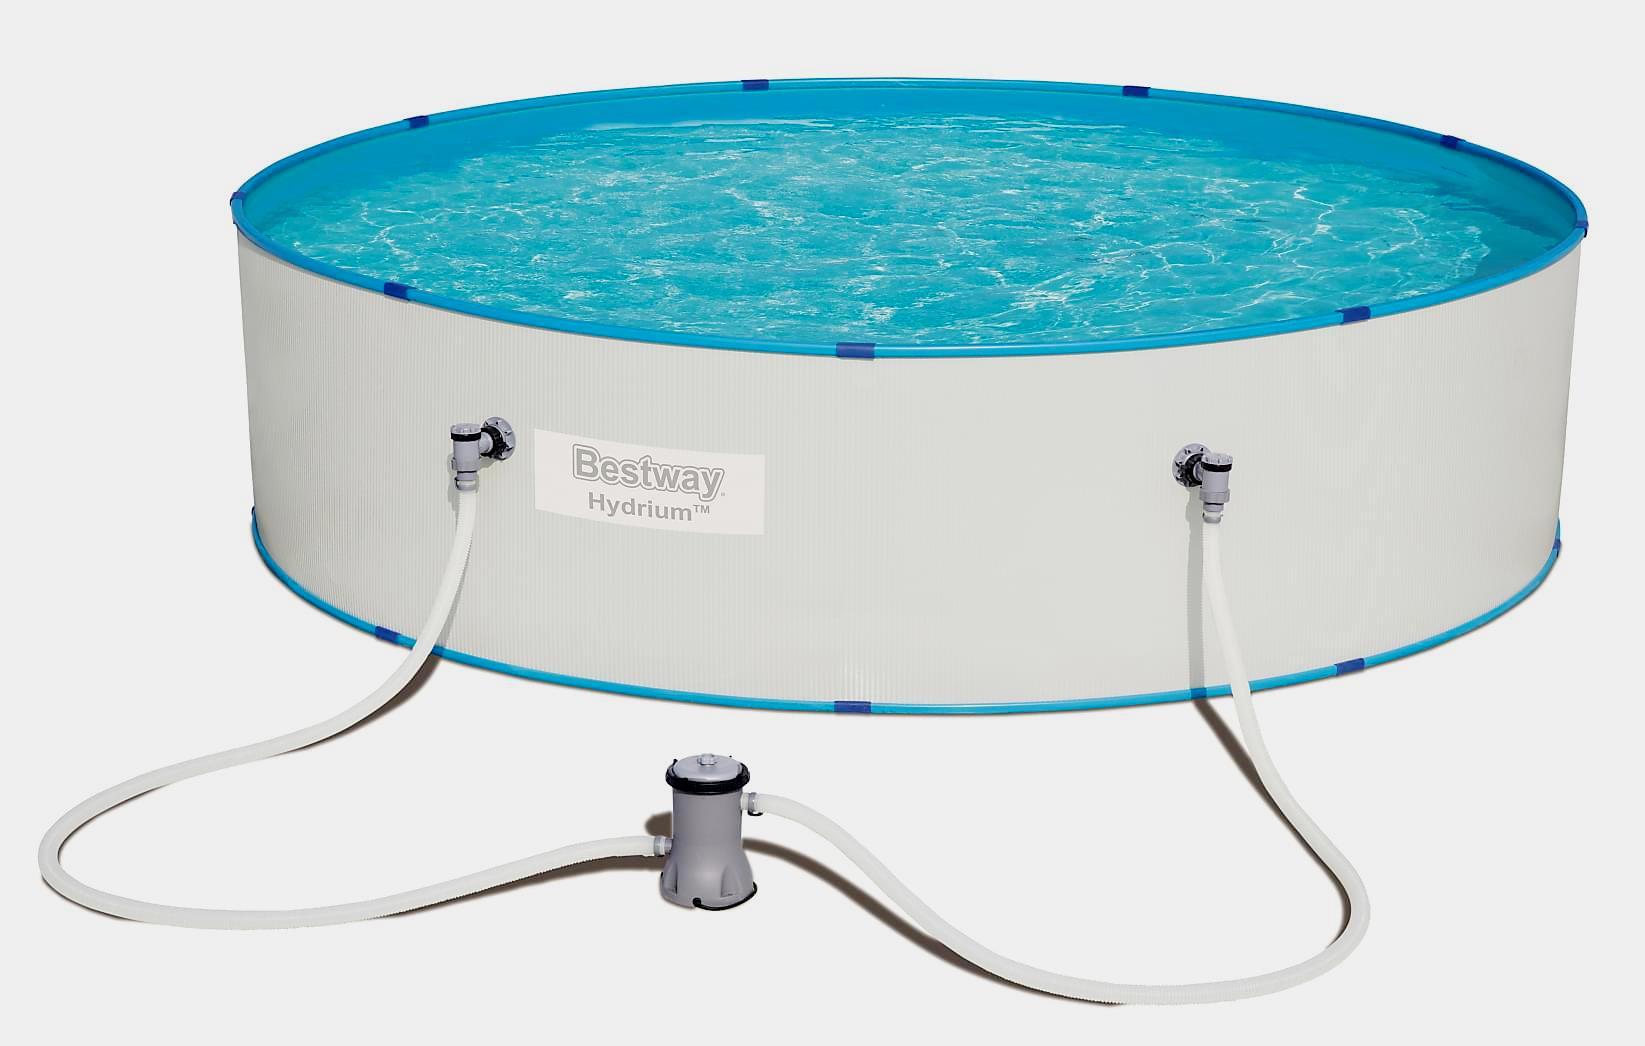 Bestway Hydrium Splasher 56386